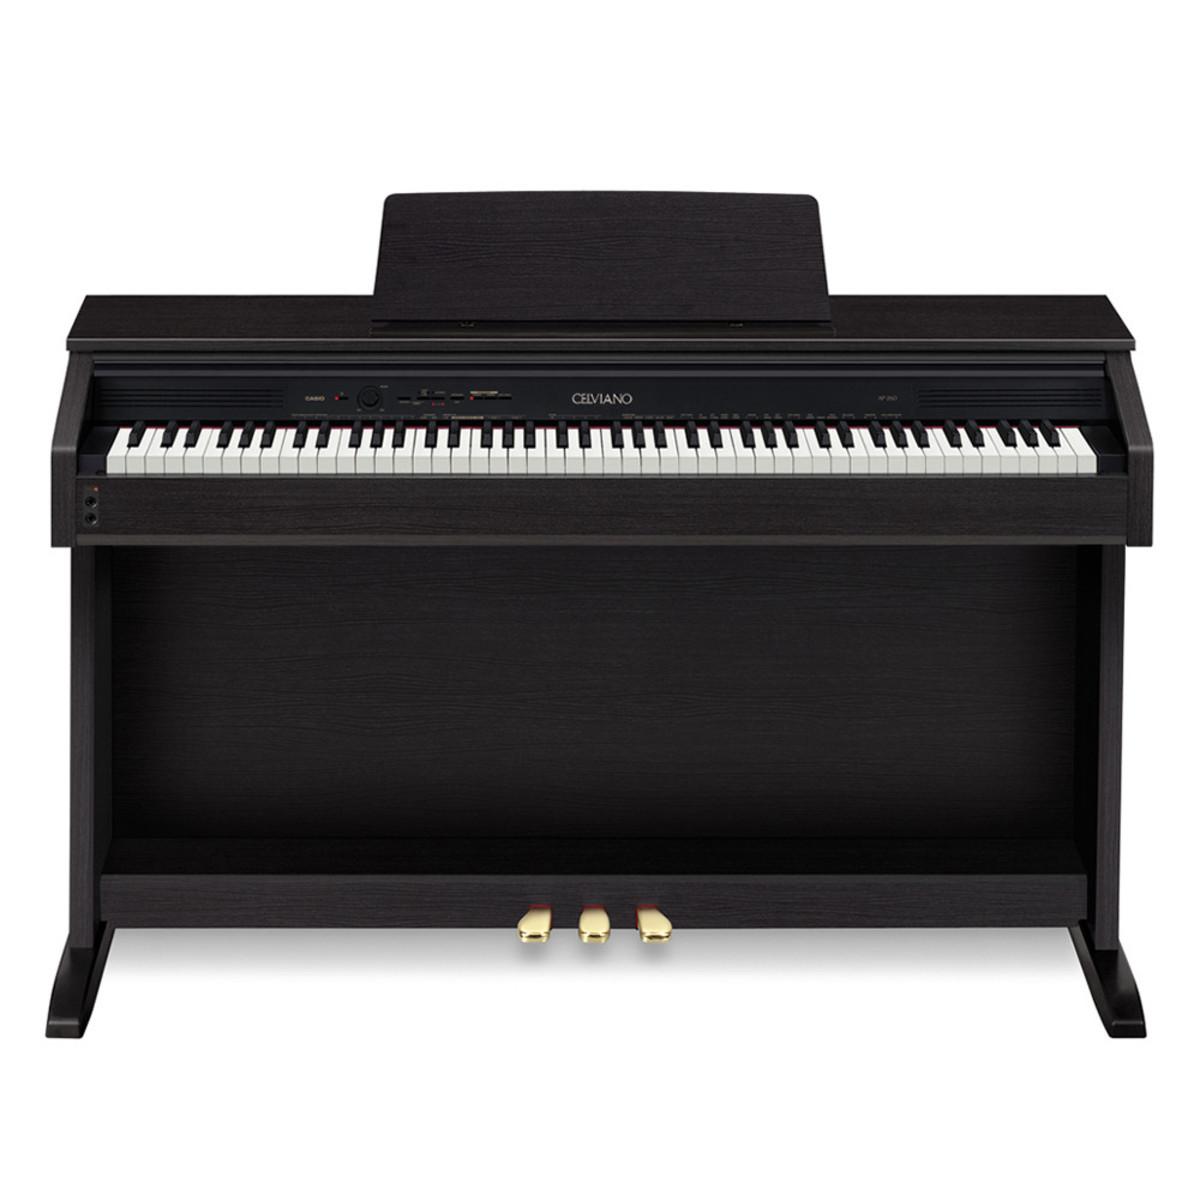 casio celviano ap 260 piano num rique. Black Bedroom Furniture Sets. Home Design Ideas